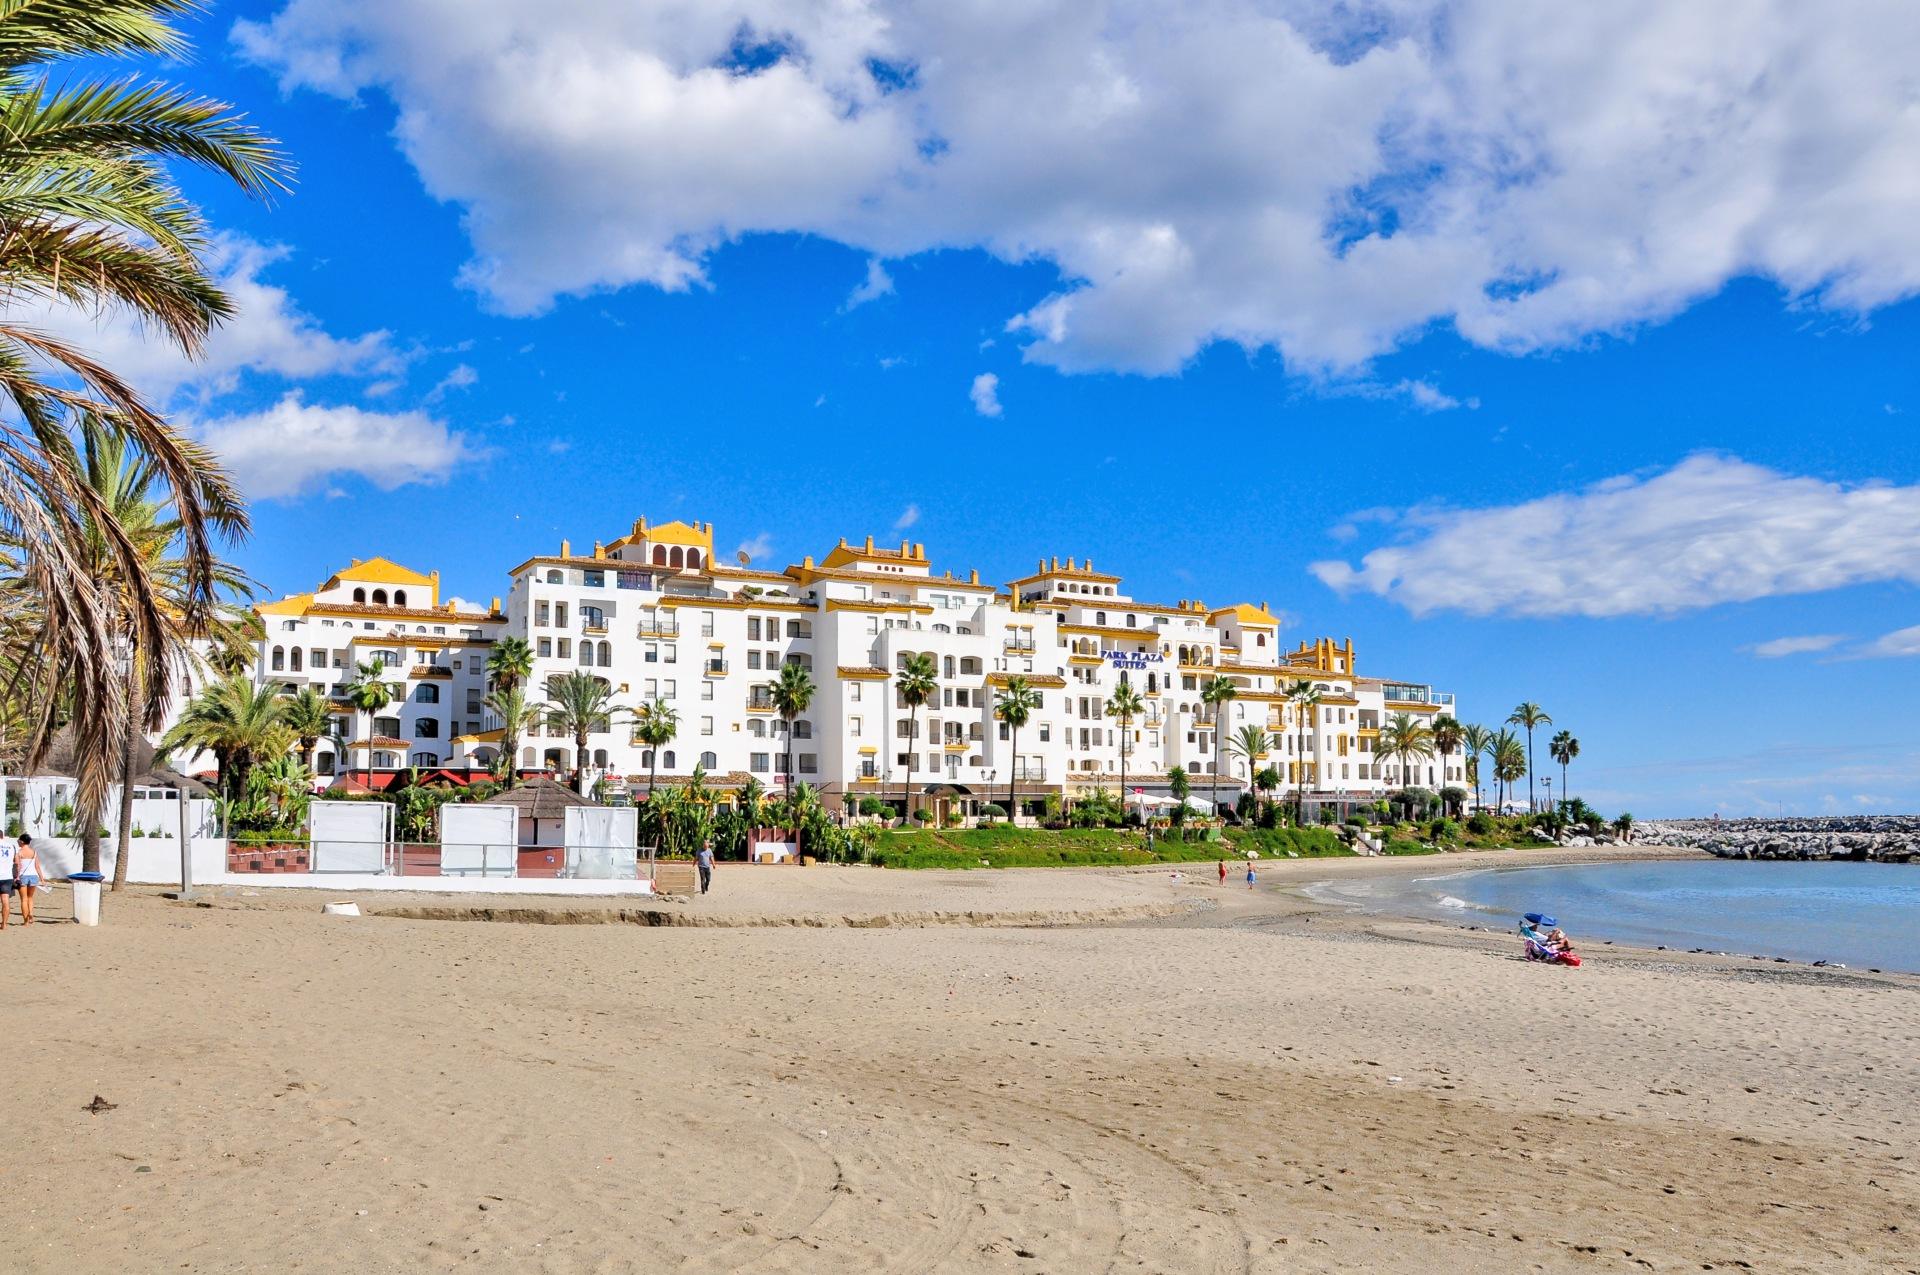 Qué ver en Marbella: playas